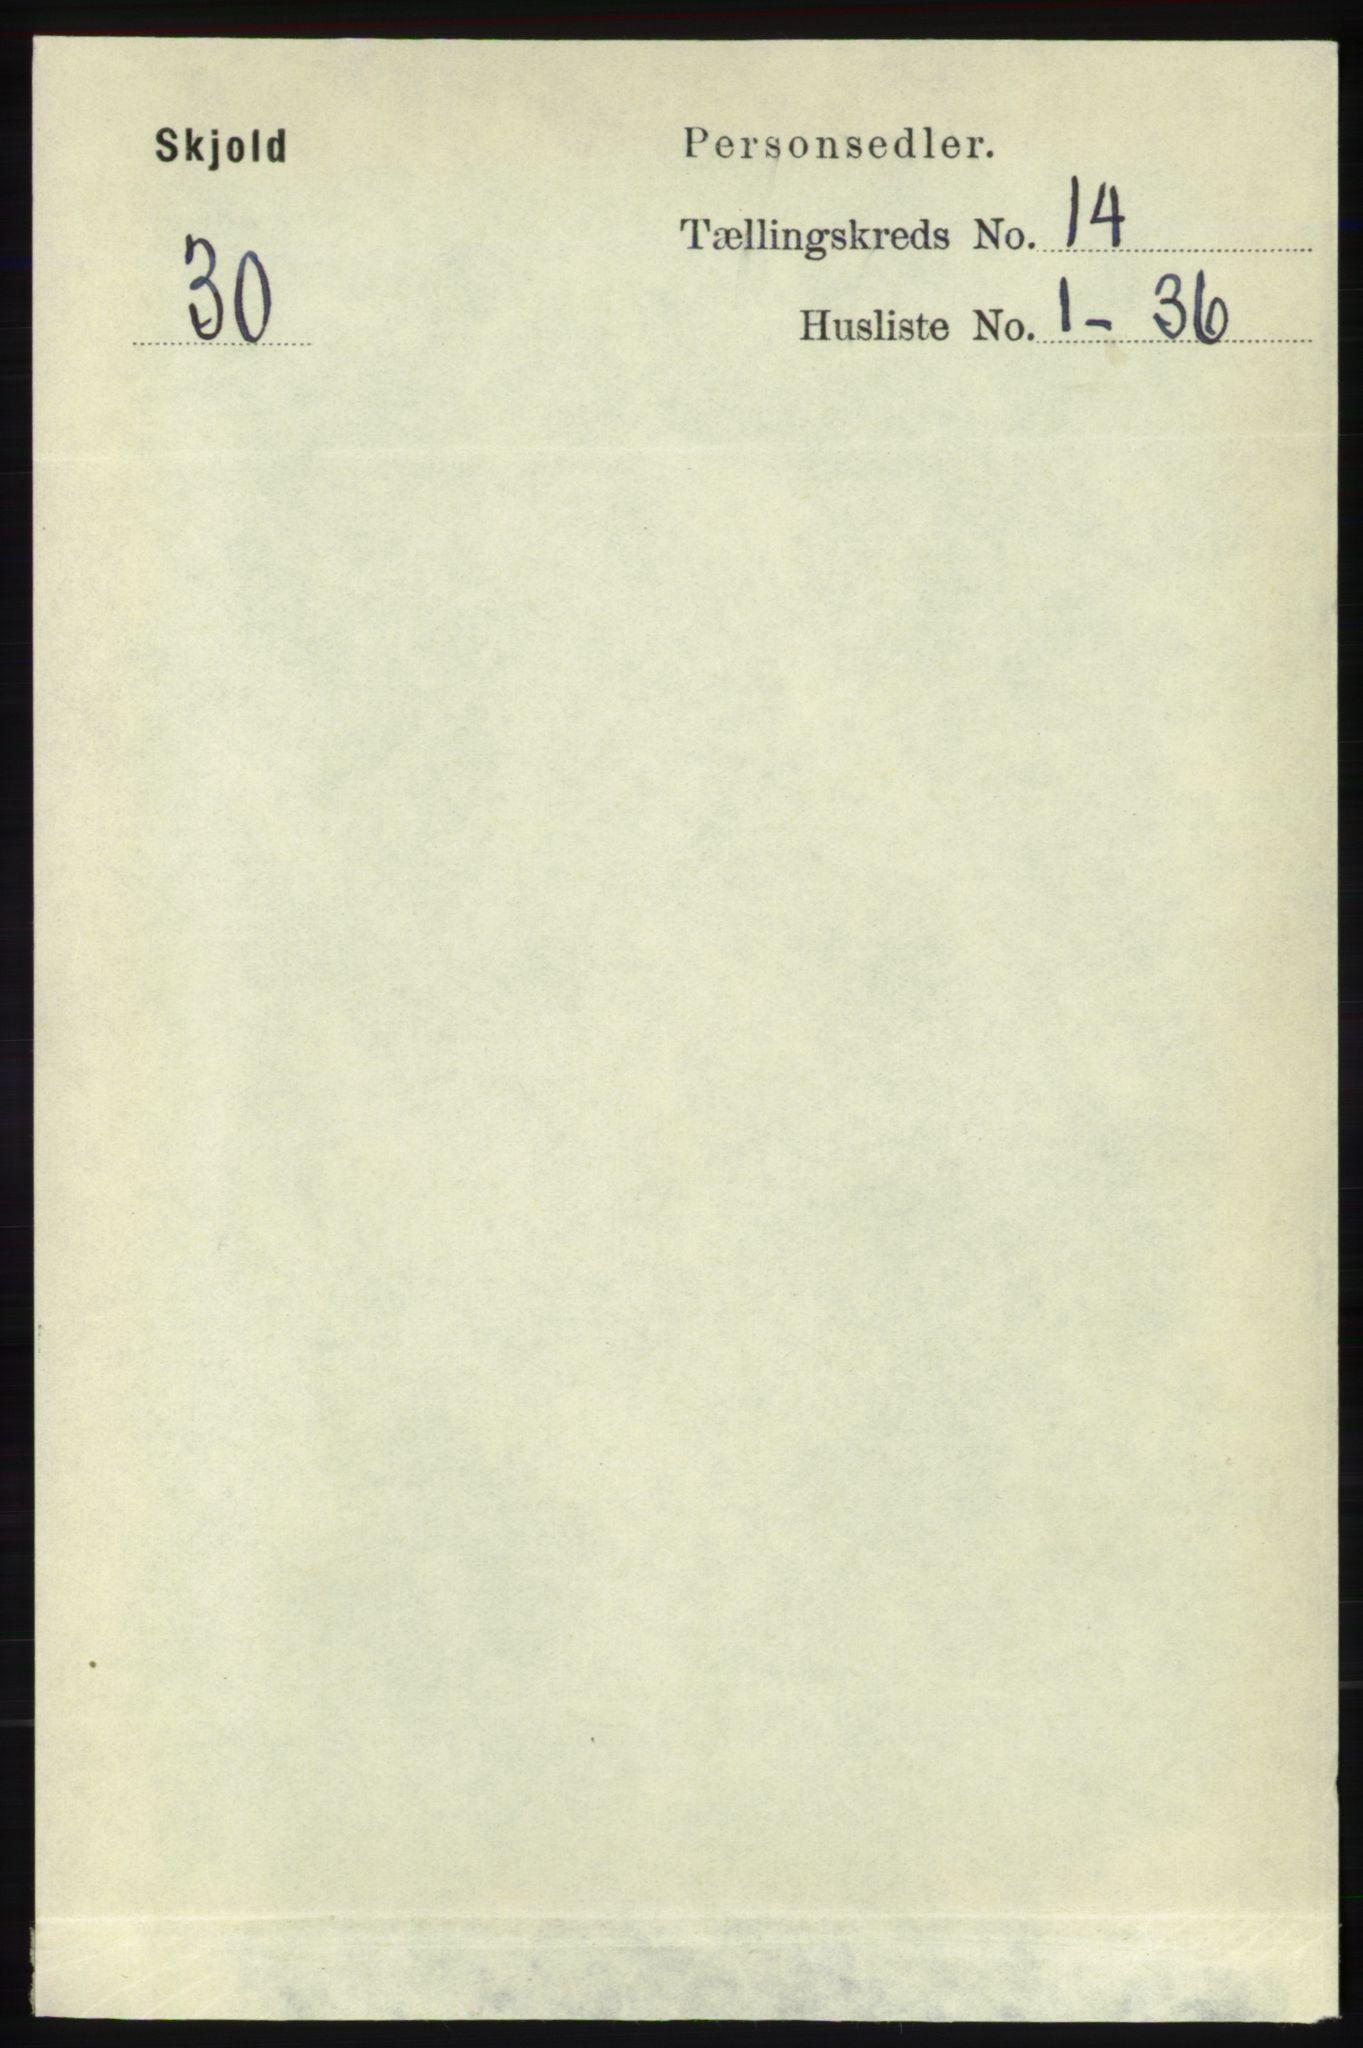 RA, Folketelling 1891 for 1154 Skjold herred, 1891, s. 2566